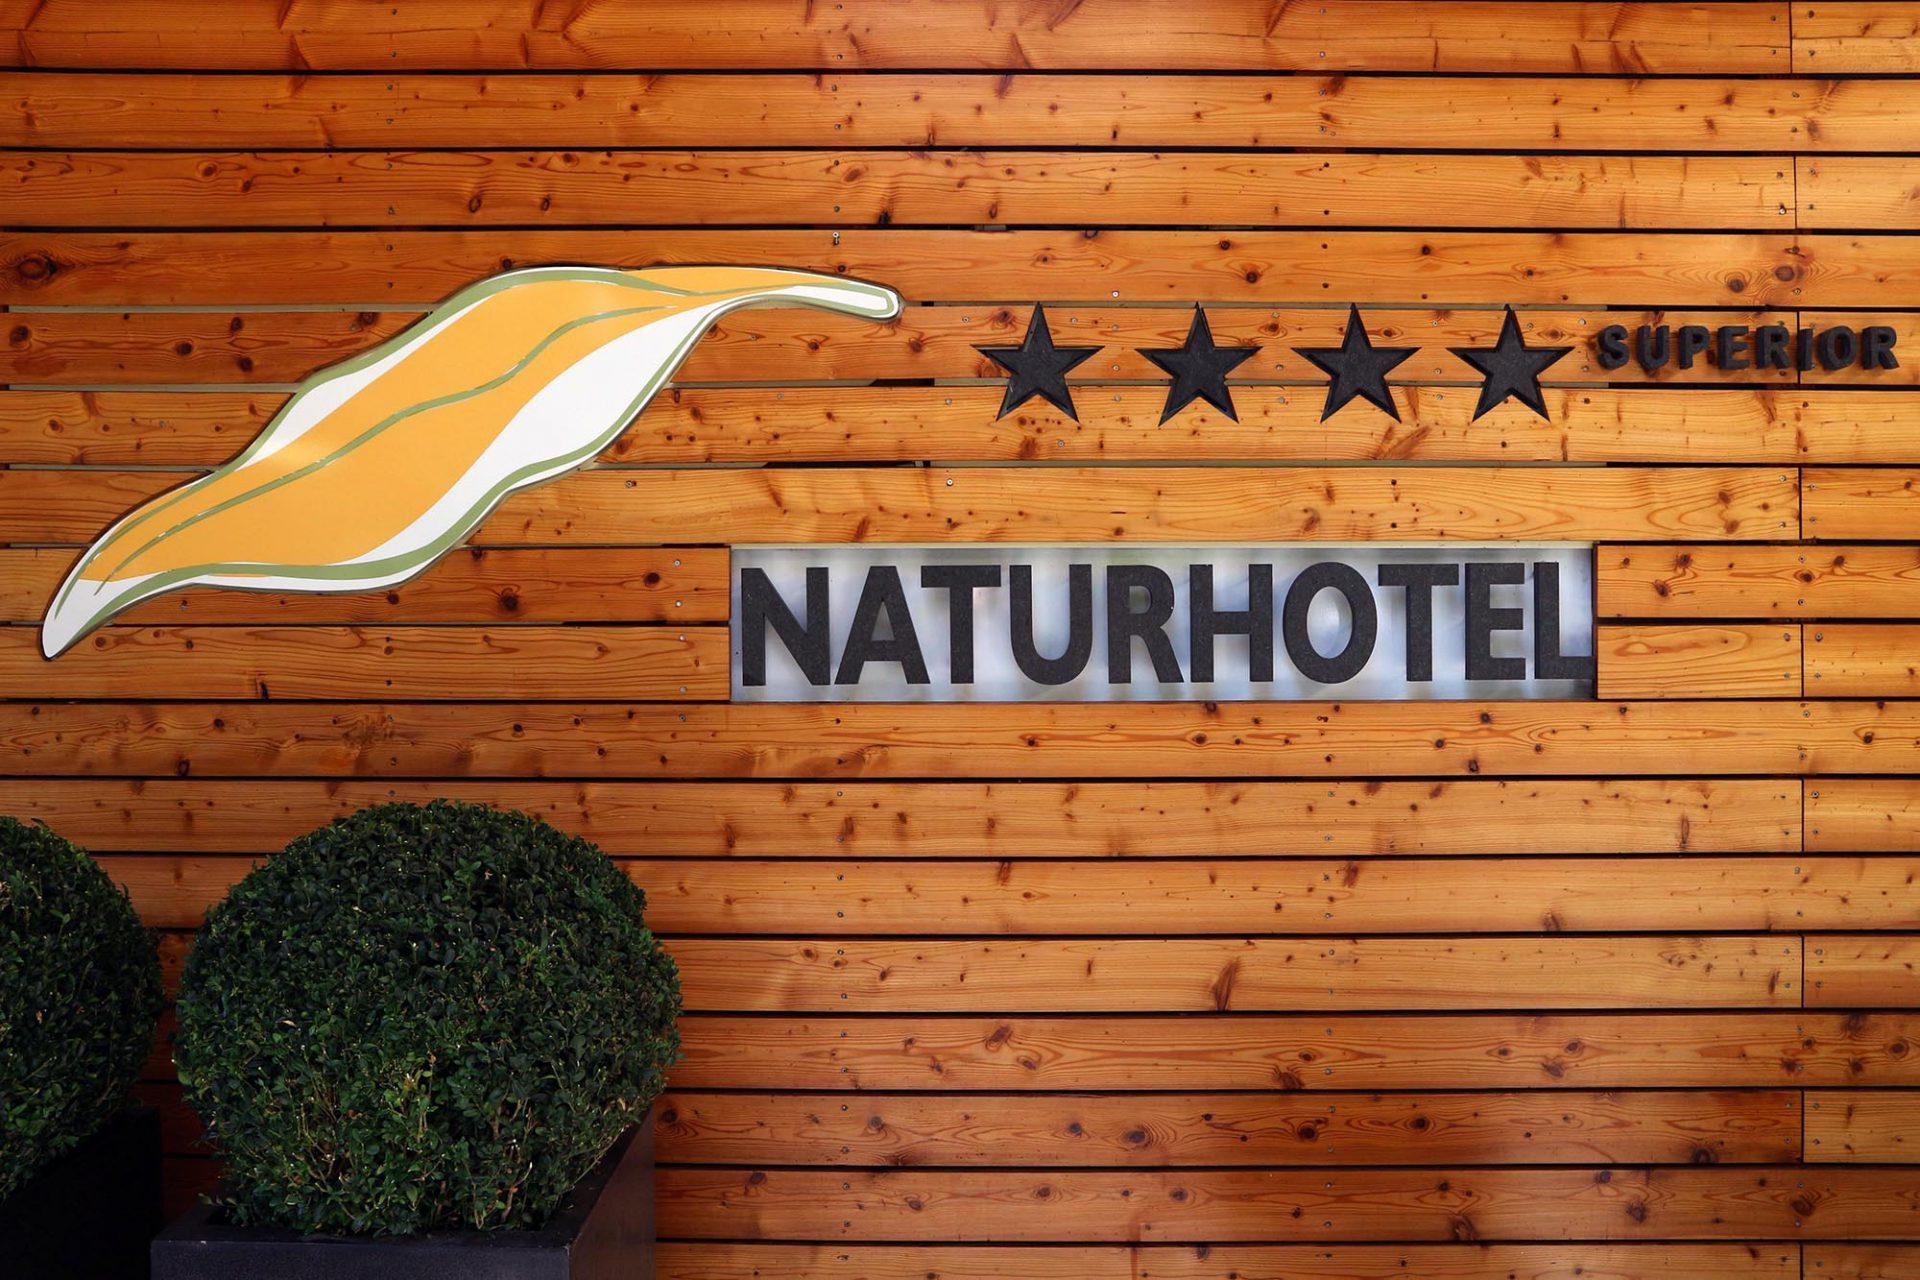 Naturhotel Waldklause.  Rein biologisch gebaut, ohne chemische Stoffe, mit Holz aus einer besonderen Mondphase.